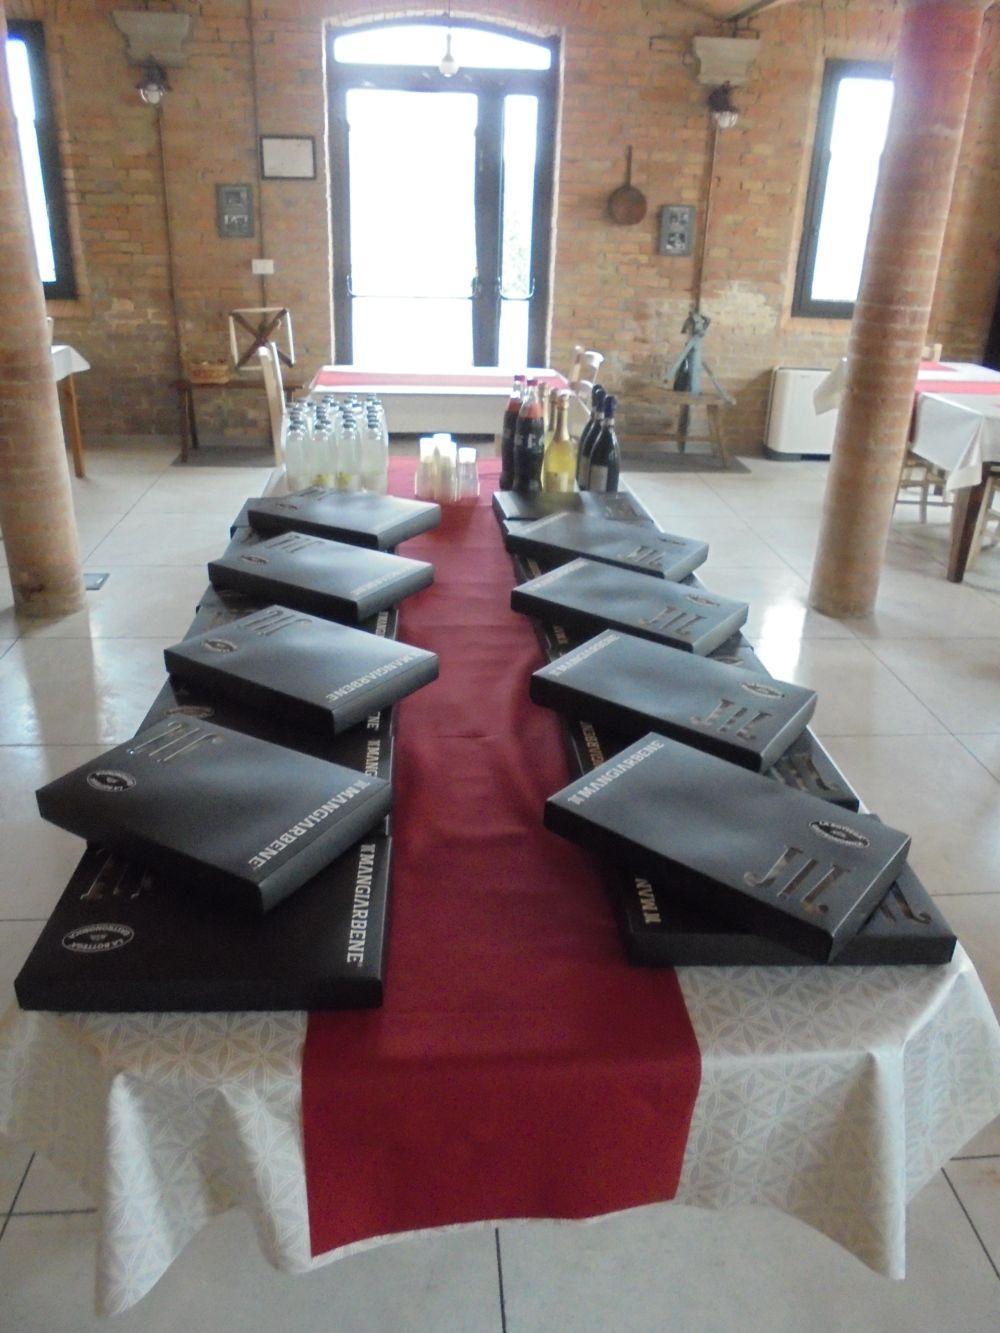 Gruppo di lavor di 20 persone con pausa pranzo servita da Catering nella vecchi stalla. E' garantito l'appoggio al tavolo con regolare distanziamento.